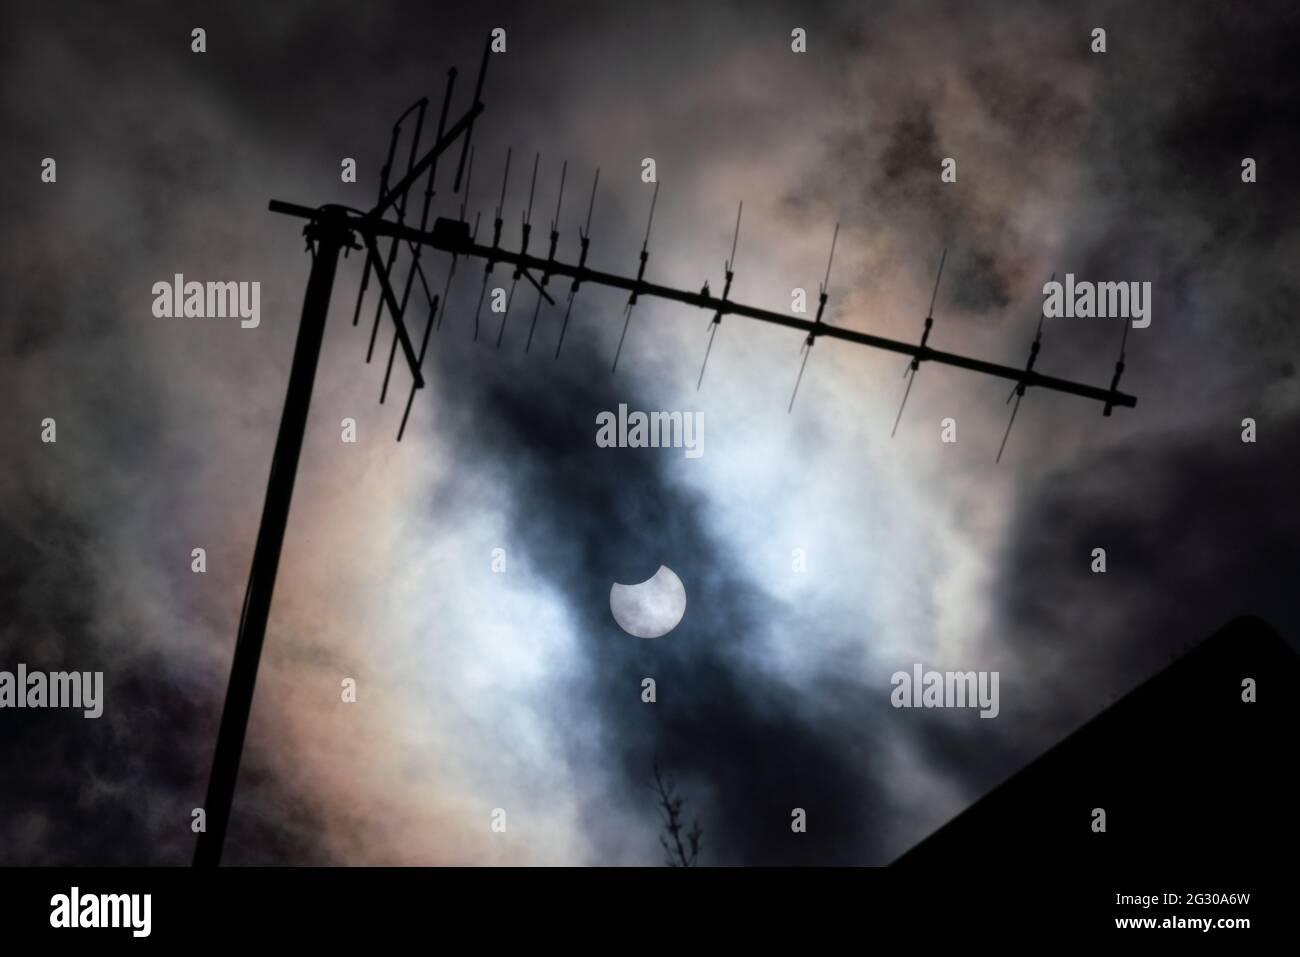 Météo au Royaume-Uni : une éclipse solaire partielle vue de Greenwich Park atteint sa totalité avec la lune qui cache près d'un tiers de la zone du soleil. Londres, Royaume-Uni. Banque D'Images